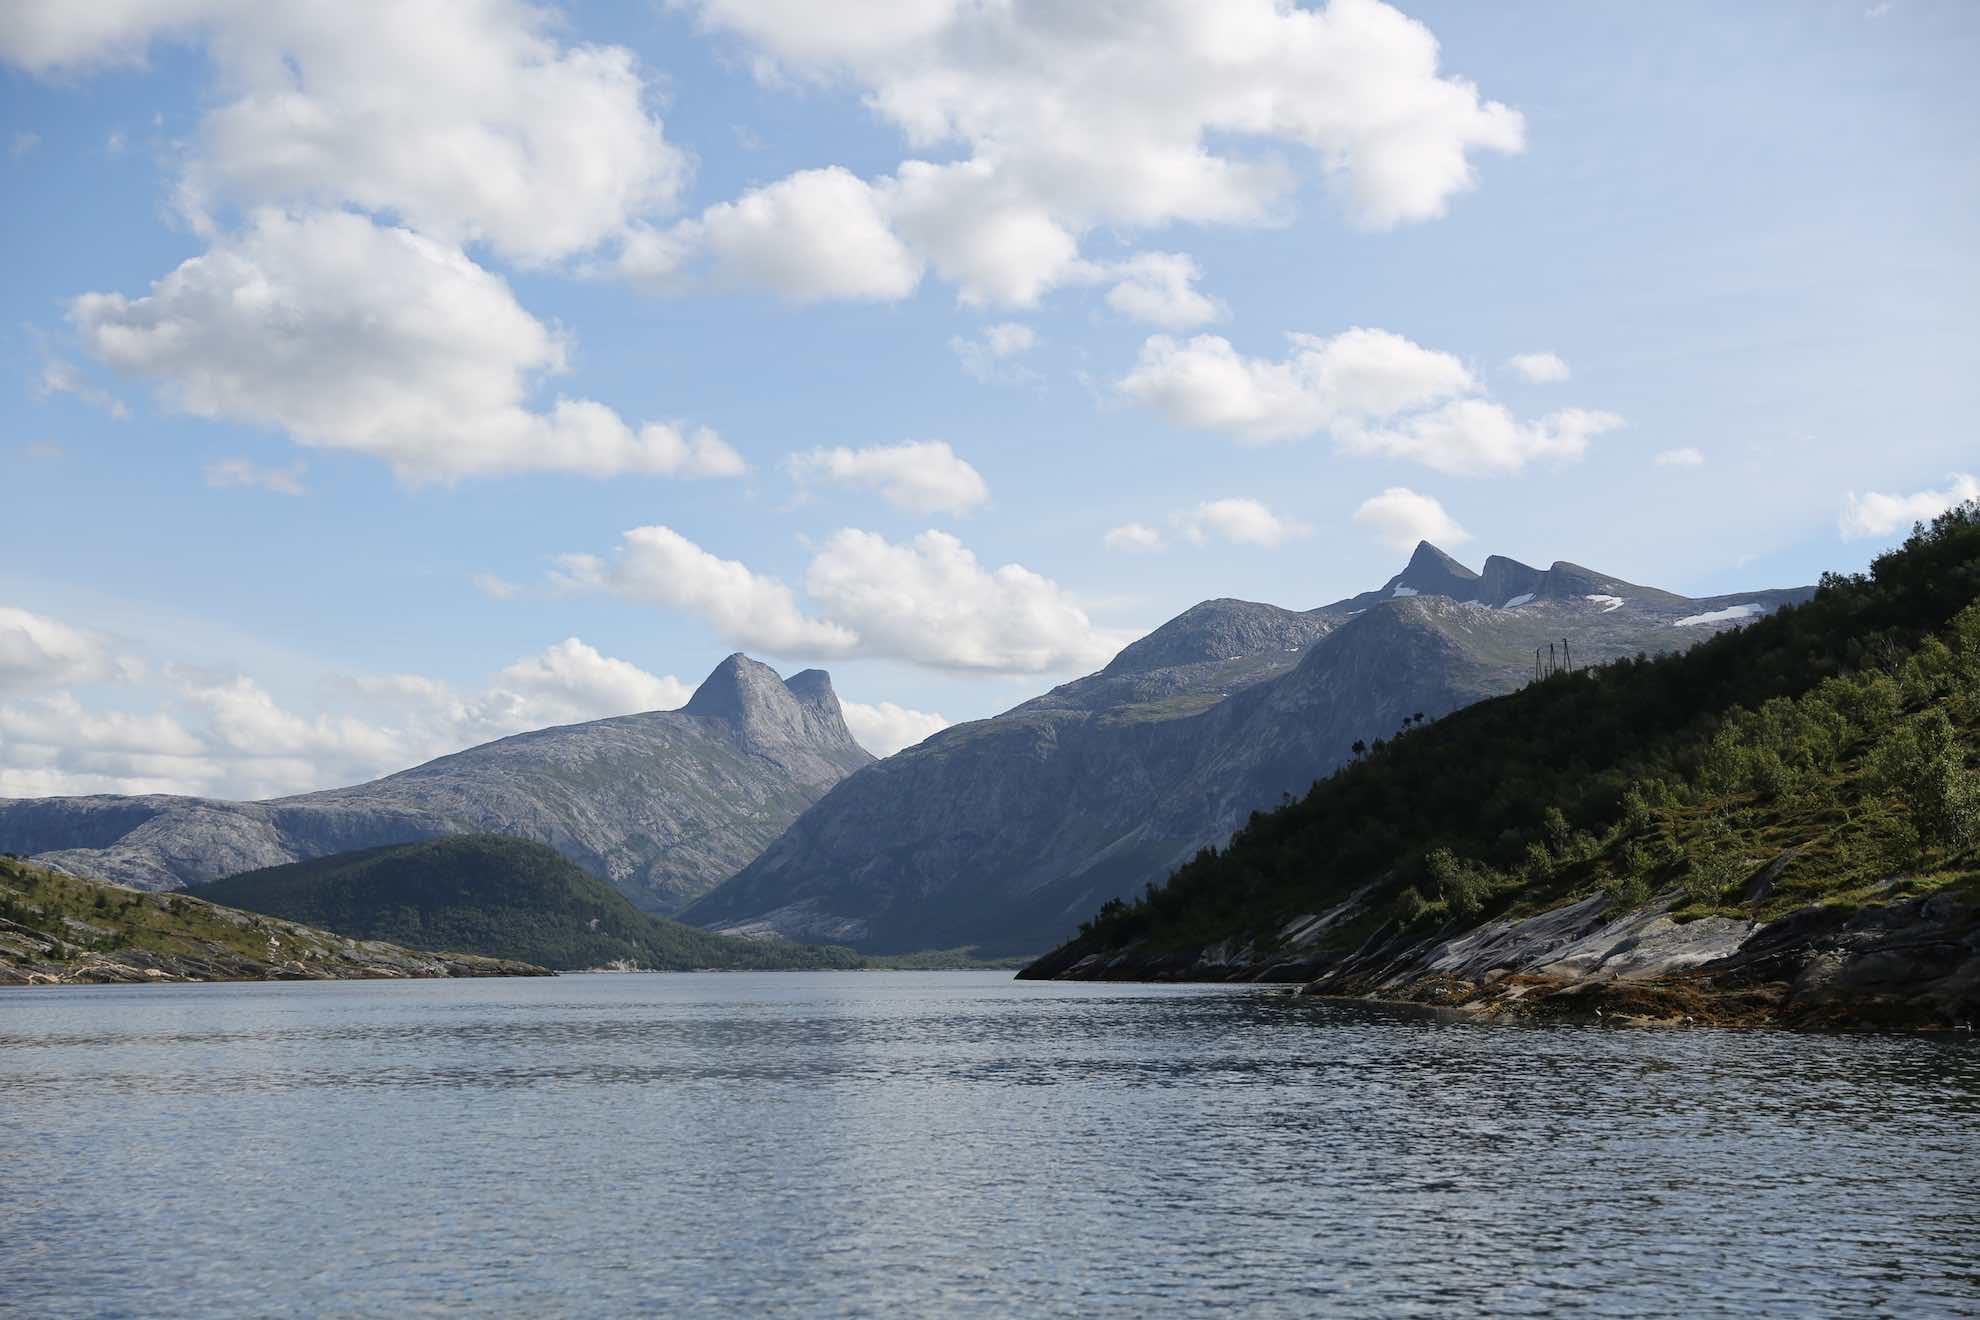 Viel Natur umgibt Bodø. Wegen der großen Verbreitung der Weißschwanz-Seeadler gilt der Ort auch als Hauptstadt der Seeadler.